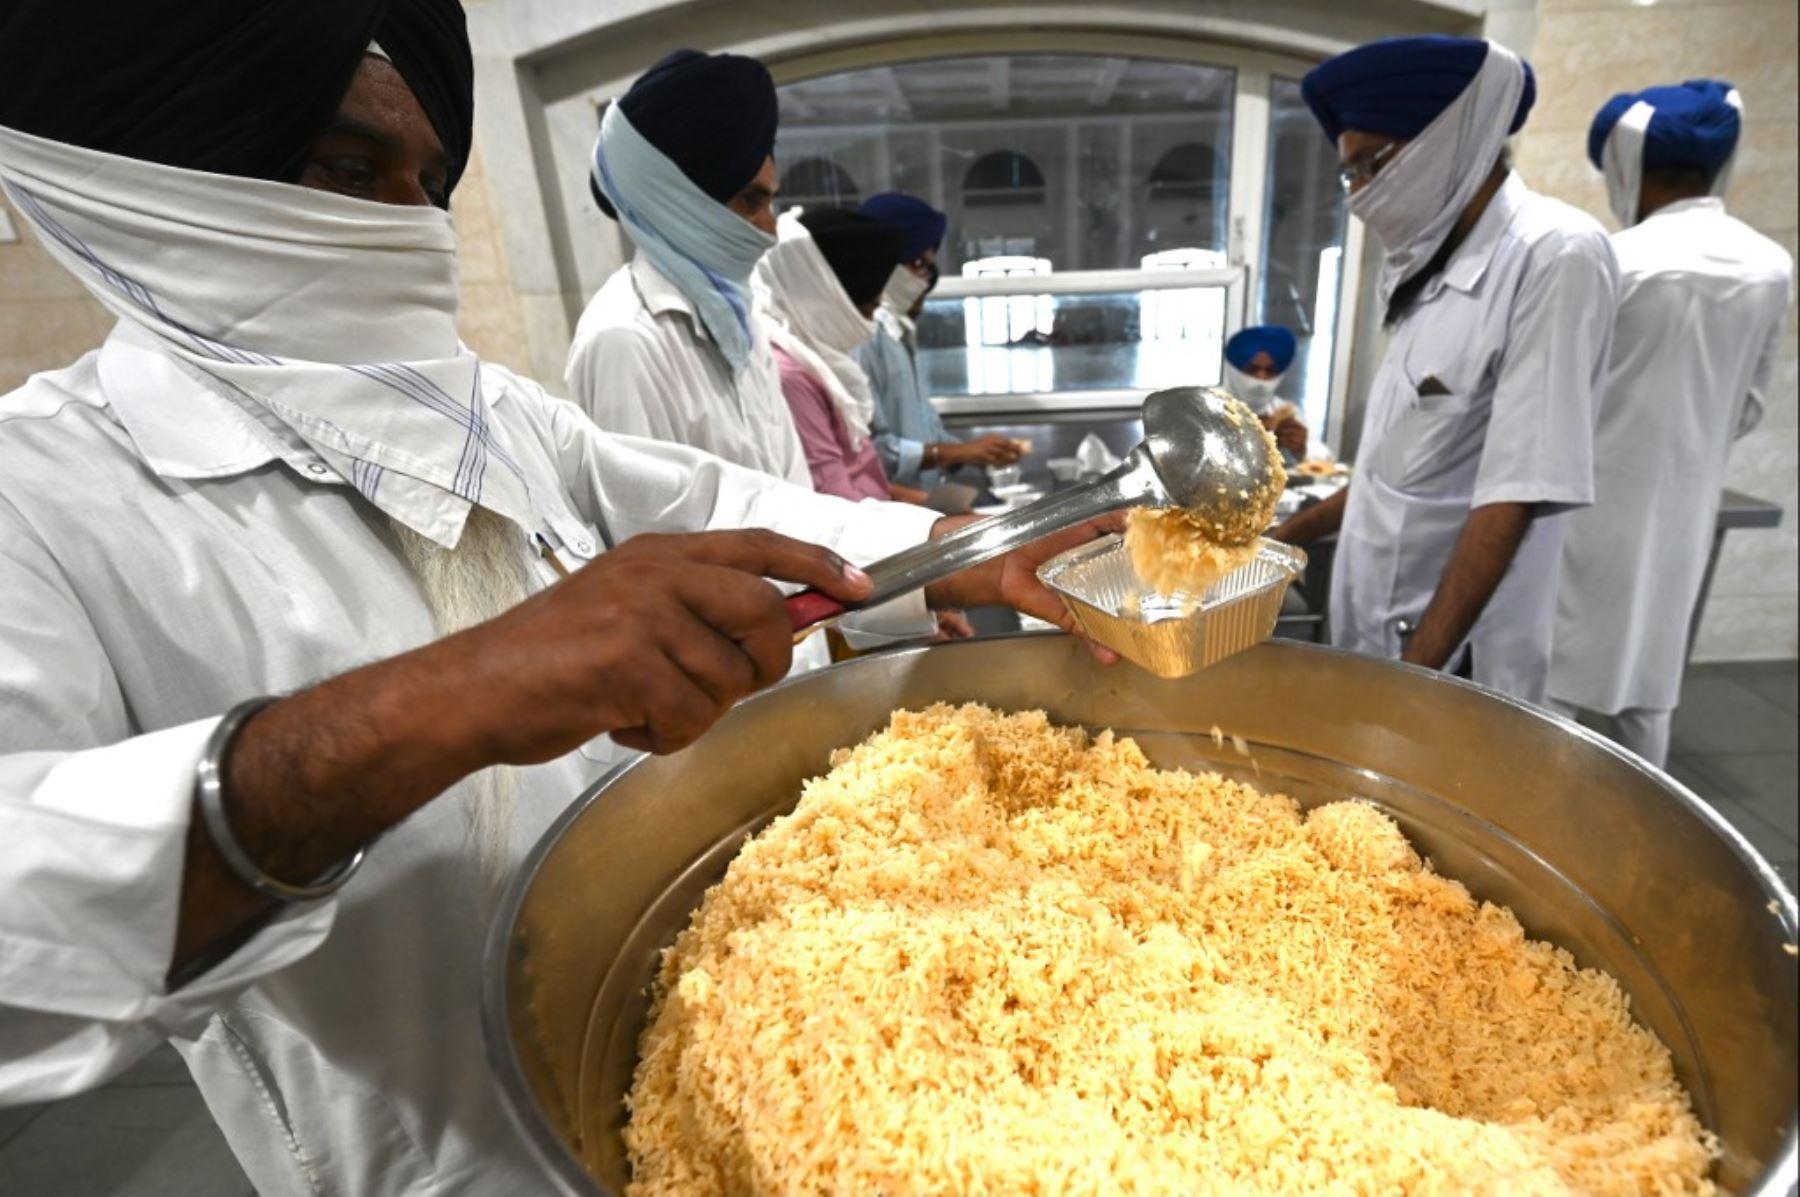 Voluntarios en un Gurudwara (templo sikh) empacan alimentos para pacientes con coronavirus covid-19 aislados en su casa, en la cocina comunitaria de Gurudwara en Nueva Delhi. Foto: AFP